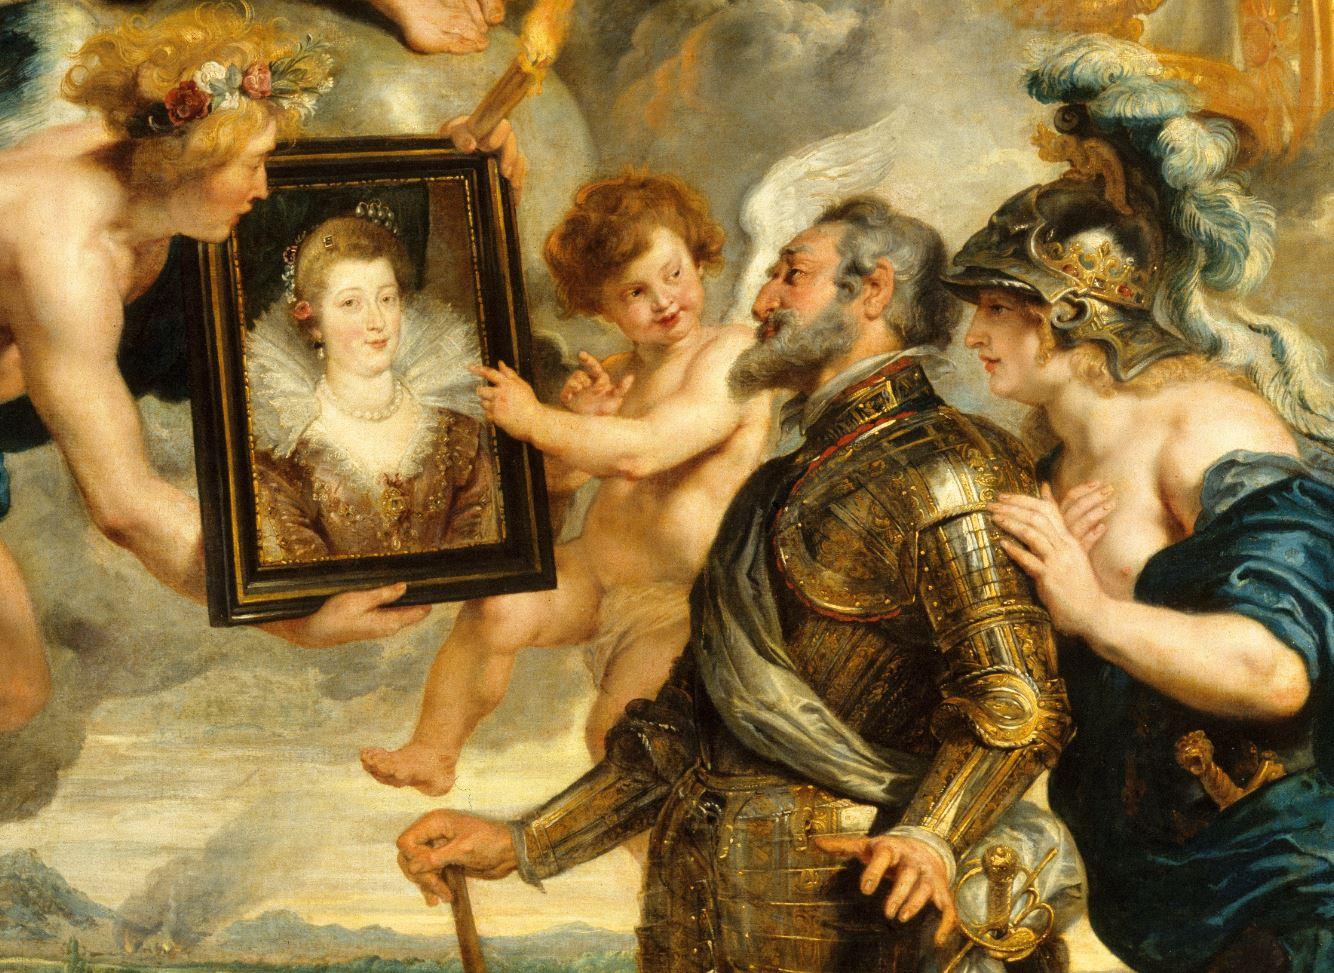 Pierre Paul Rubens, Henri IV reçoit le portrait de Marie de Médicis (détail) © RMN-GP (Musée du Louvre) / René-Gabriel Ojéda / Thierry Le Mage